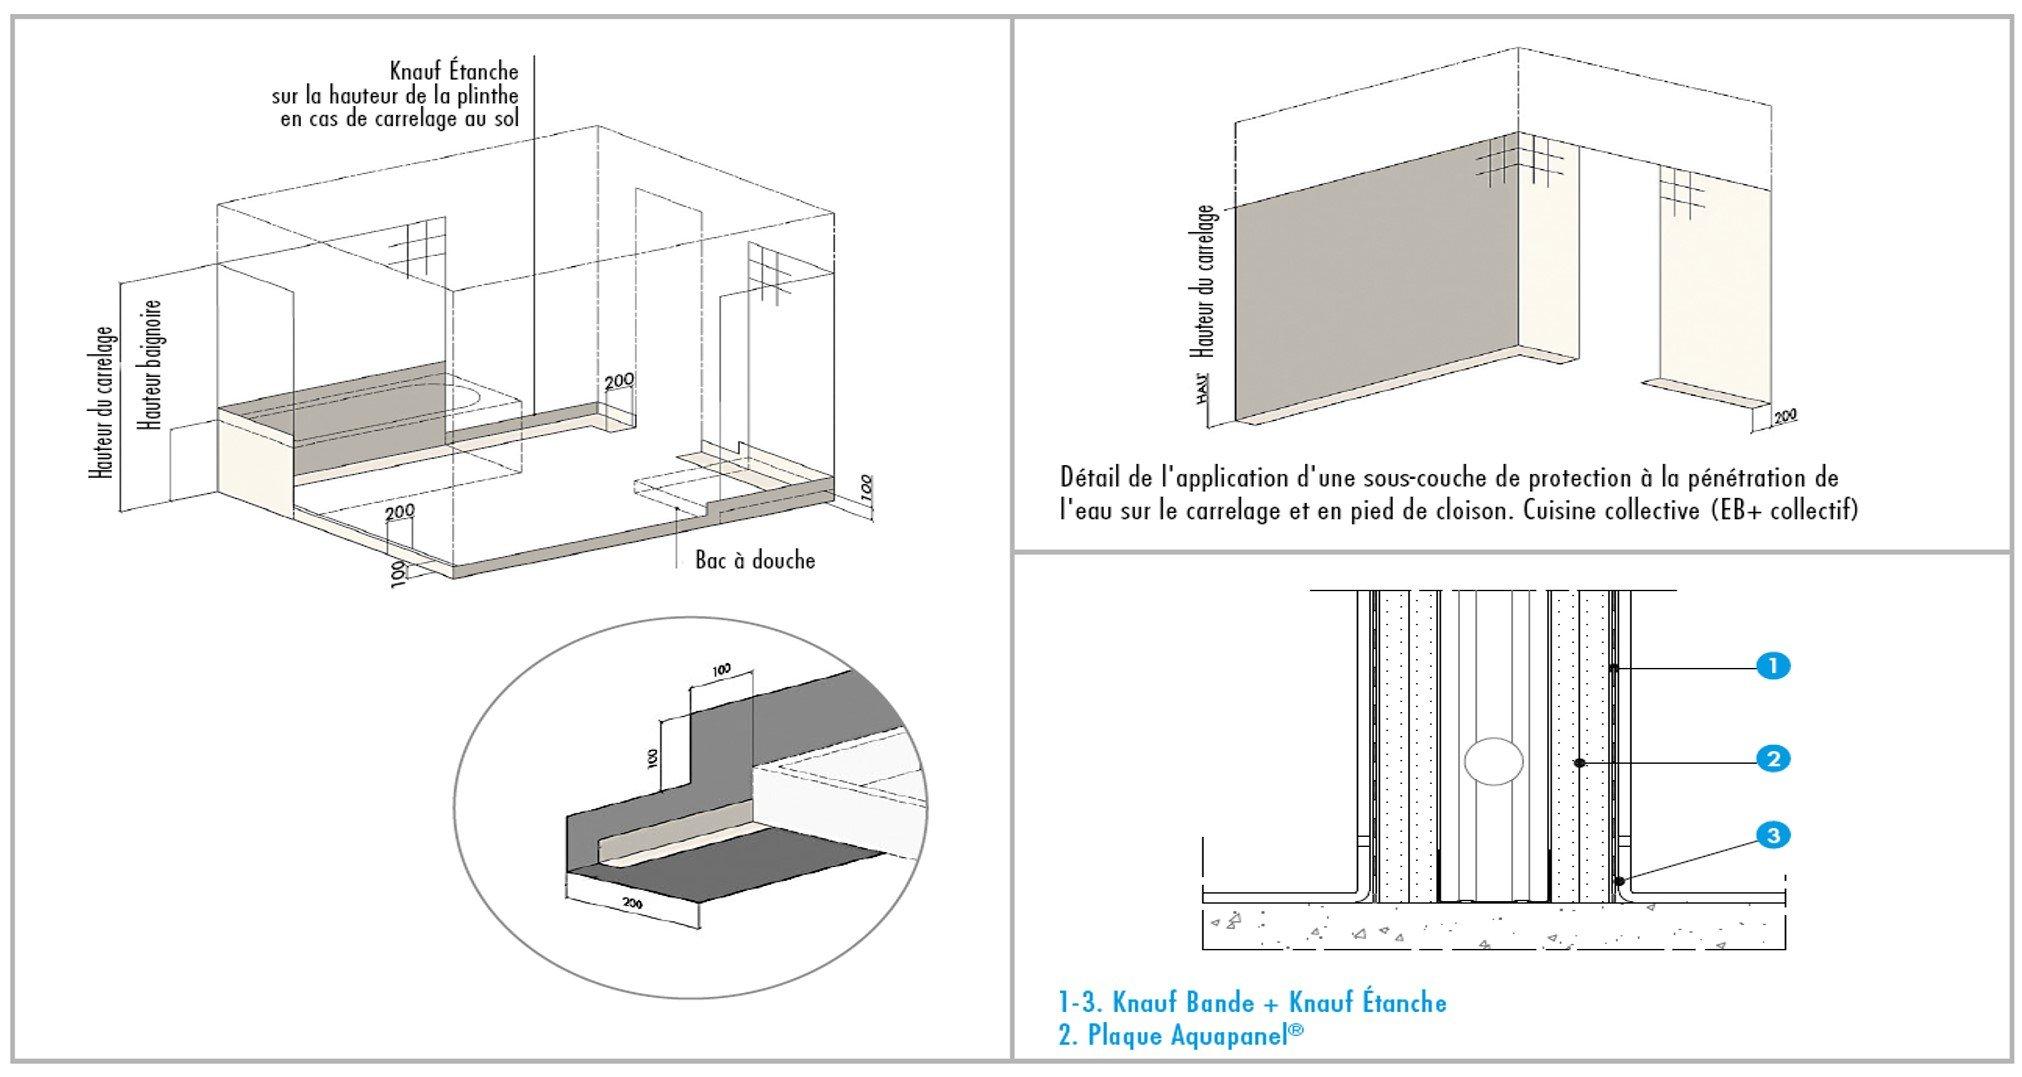 enduit knauf etanche sous couche de protection l 39 eau. Black Bedroom Furniture Sets. Home Design Ideas